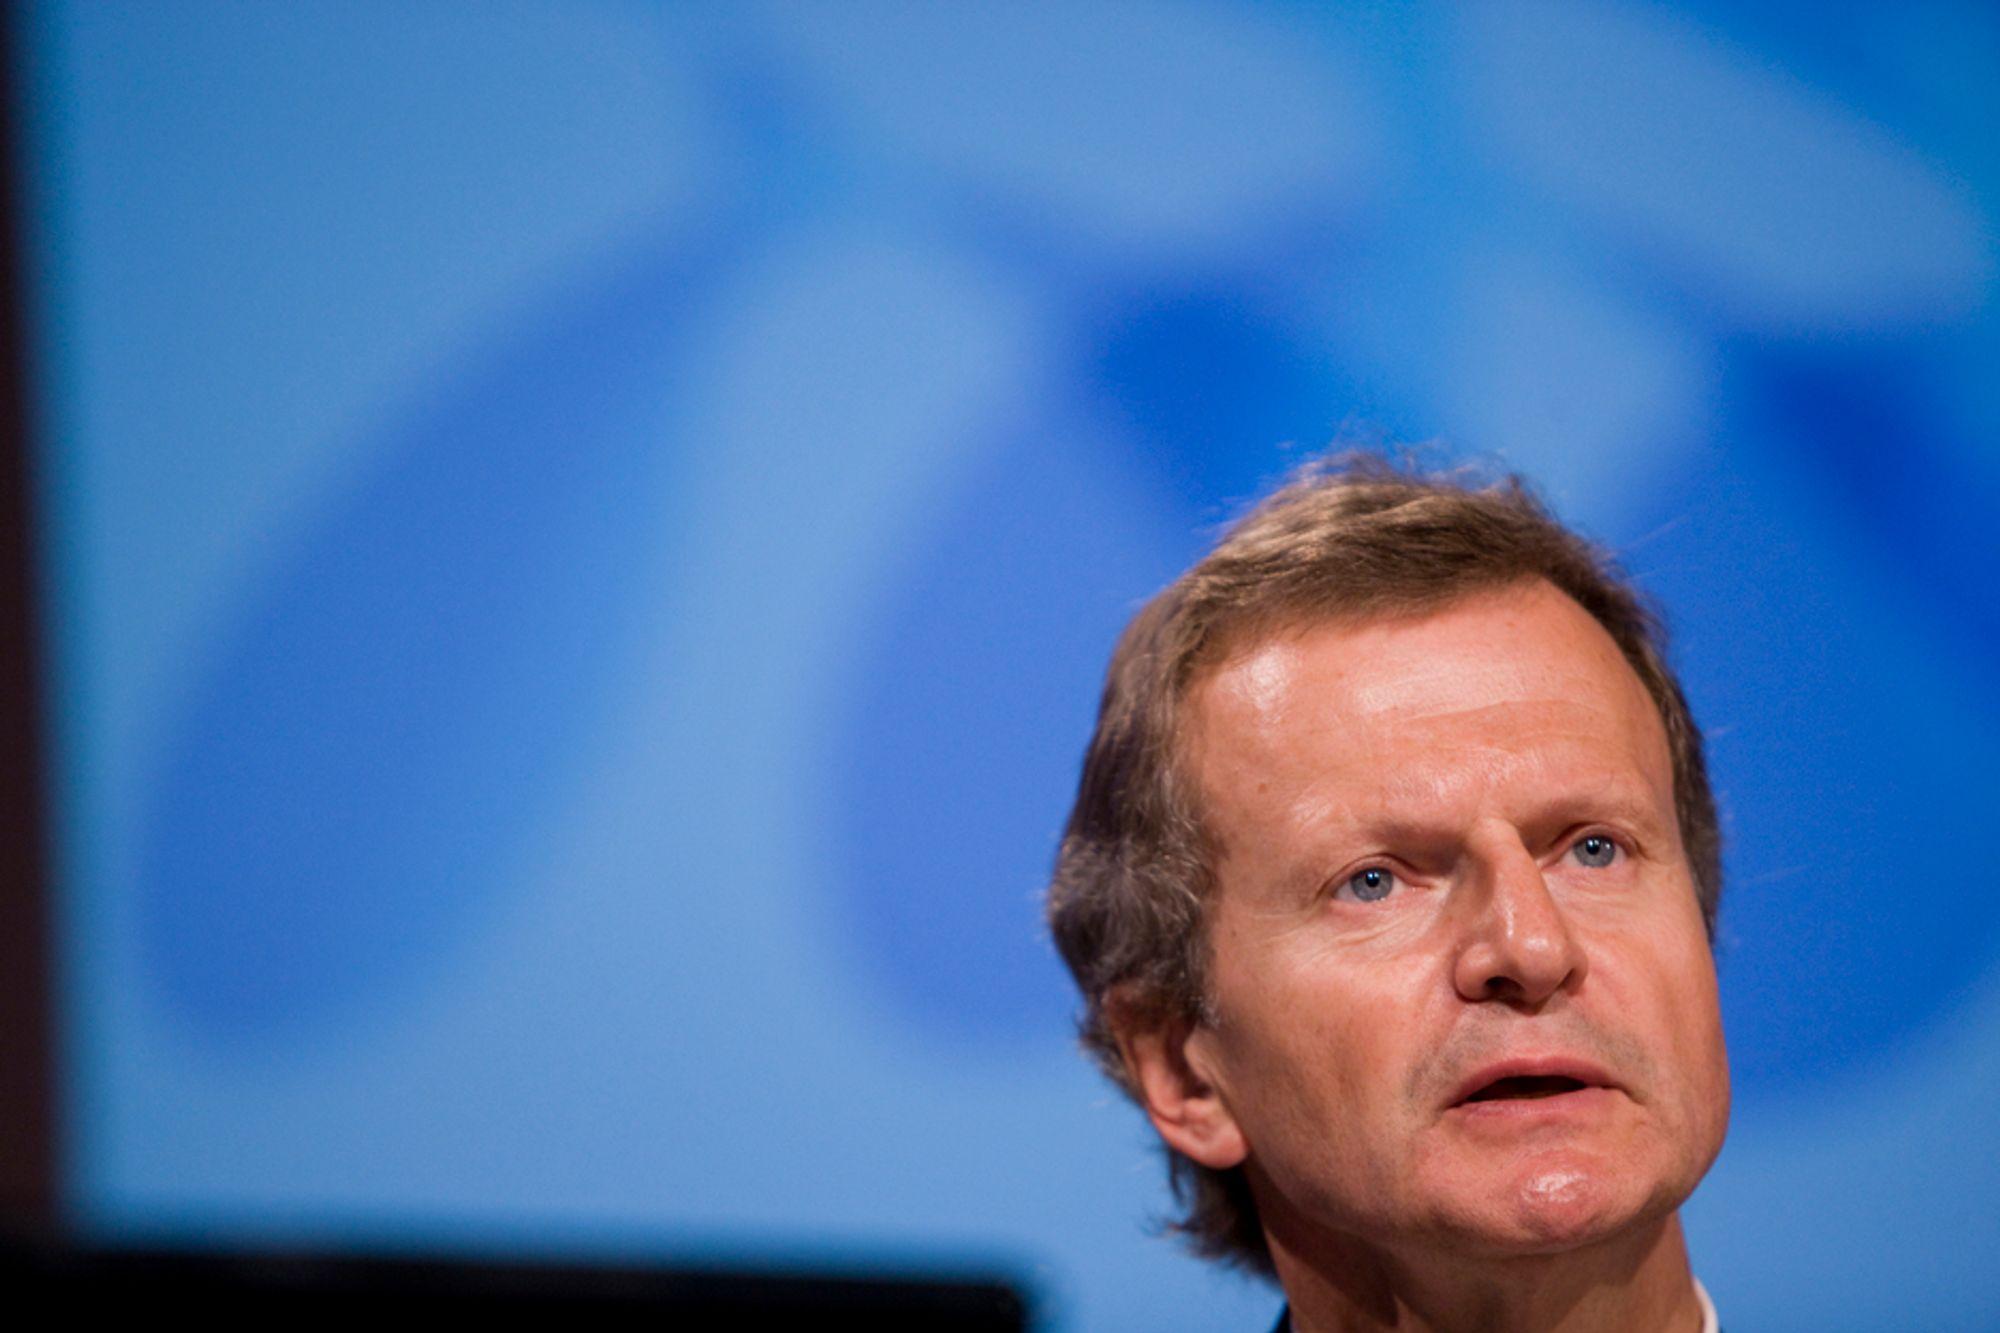 MÅ VENTE: Telenors konsernsjef Jon Fredrik Baksaas må konstatere at ankesaken i Russland er utsatt med et halvt år.